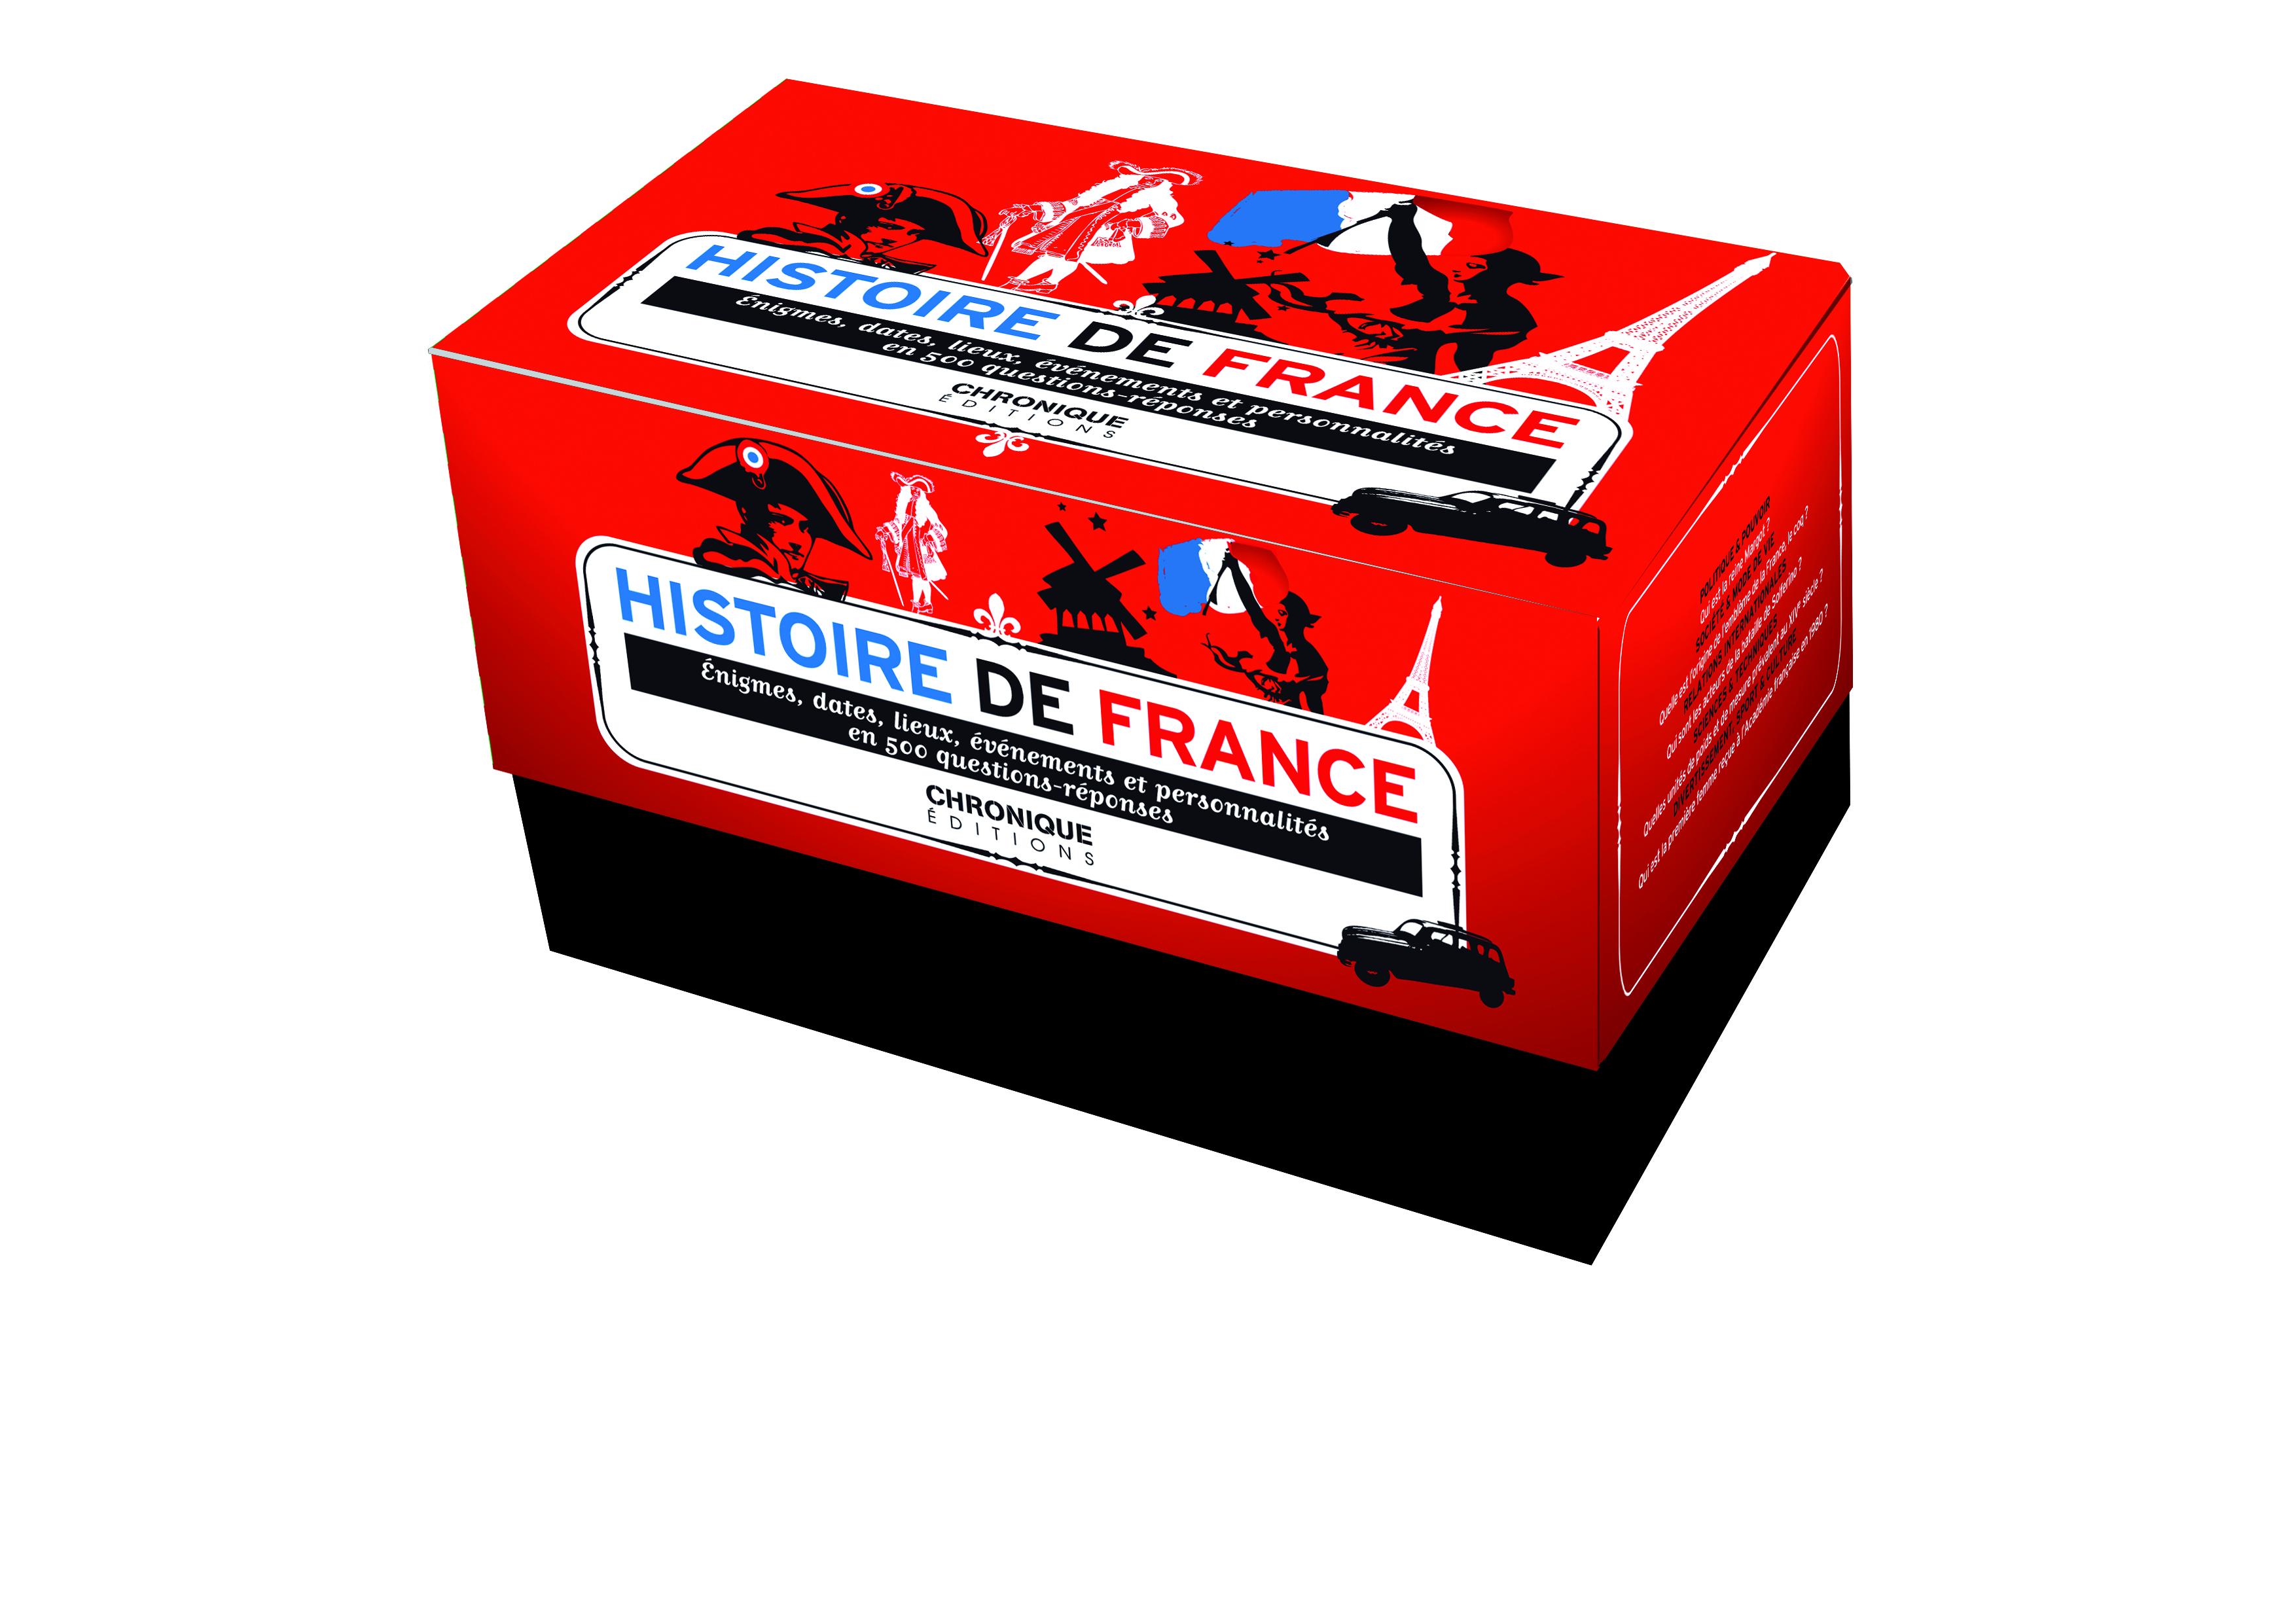 HISTOIRE DE FRANCE, QUIZ : DATES, LIEUX, ÉVÉNEMENTS ET PERSONNALITÉS EN 500 QUESTIONS